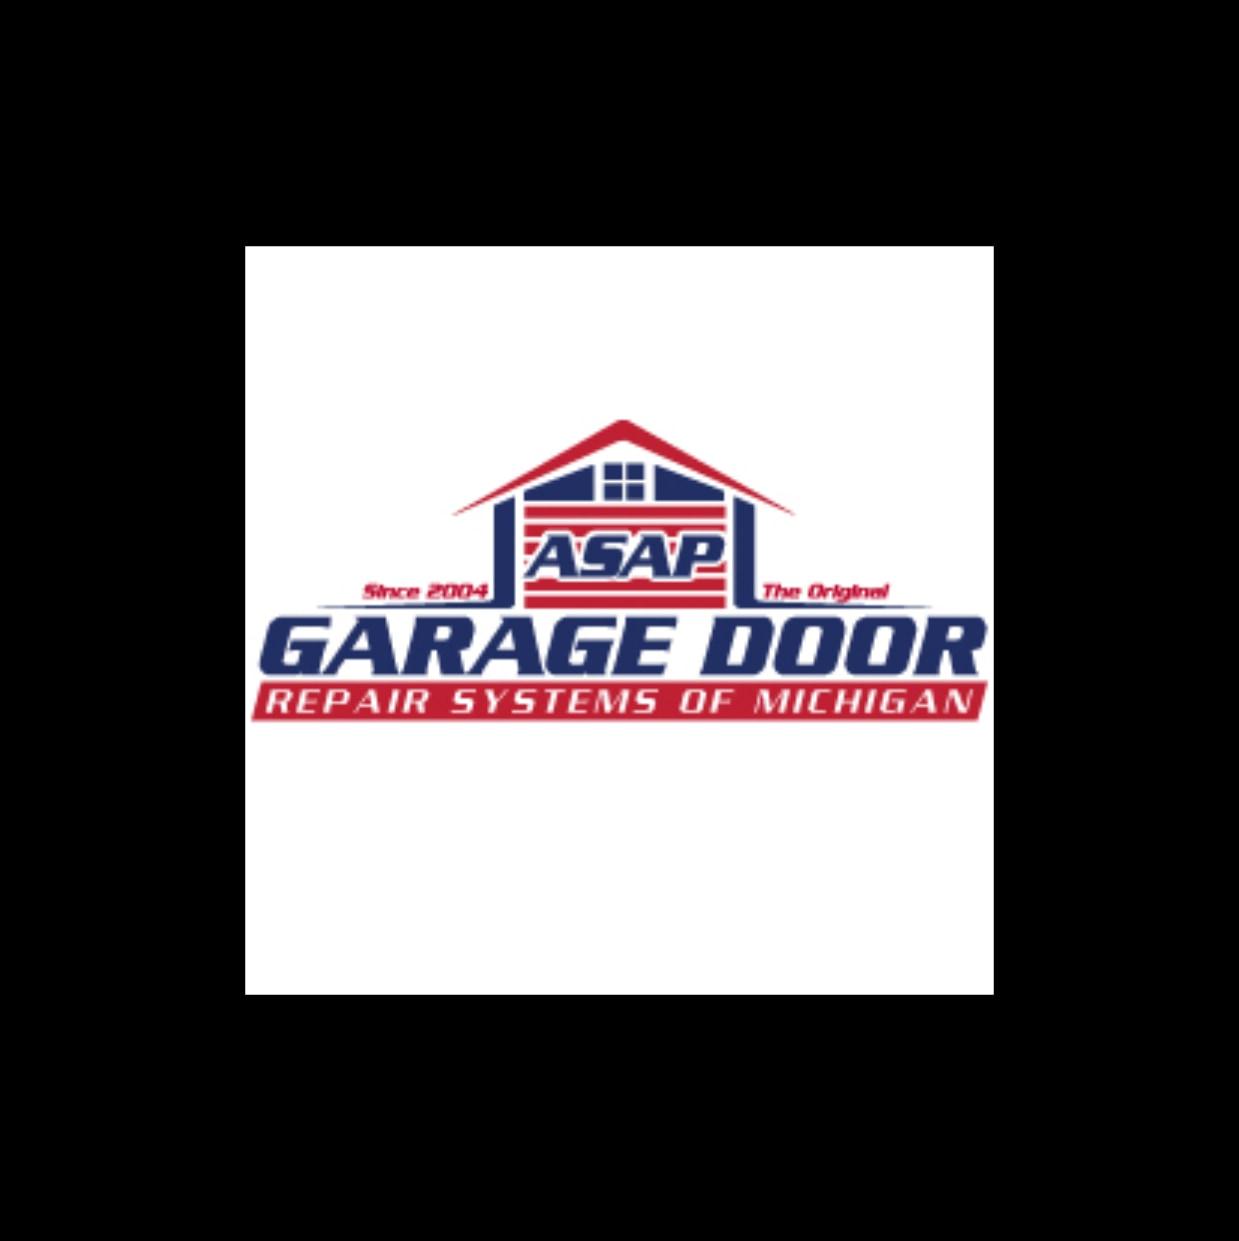 ASAP Garage Door Repair Systems of Michigan logo